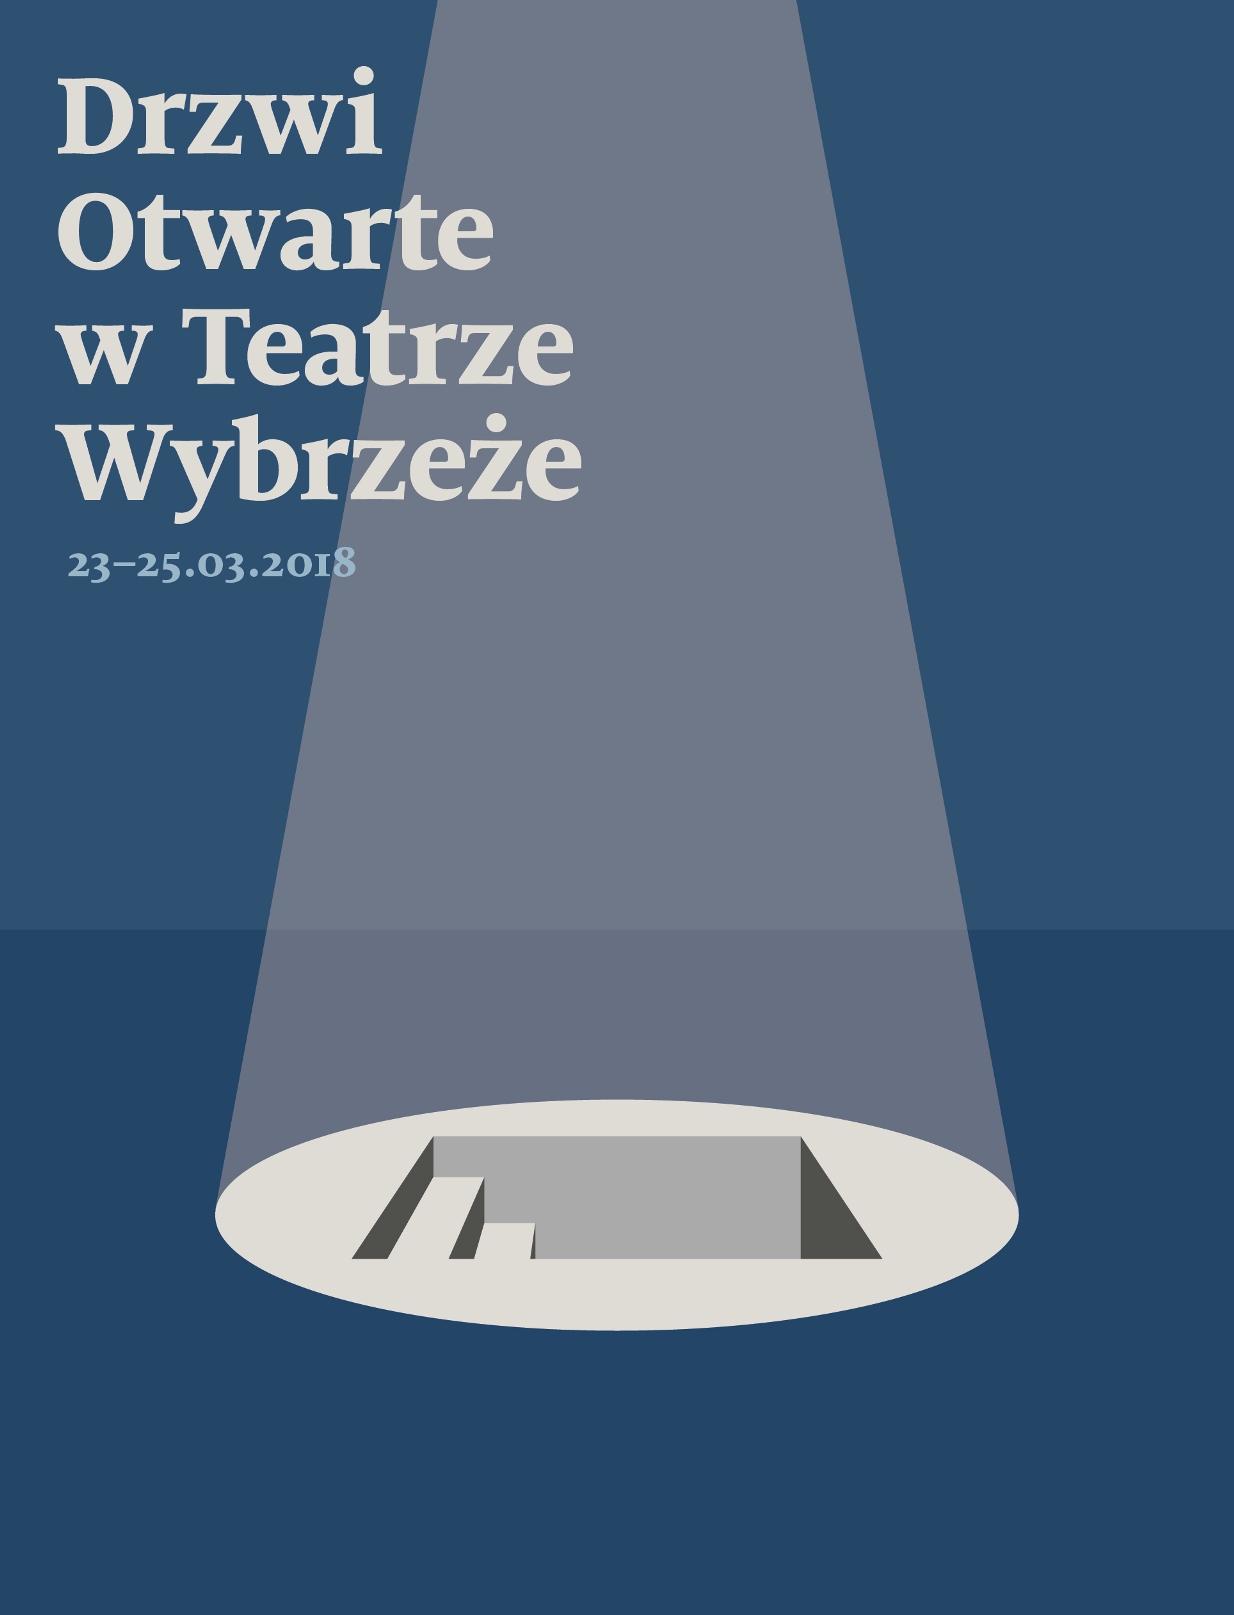 Plakat Drzwi Otwartych w Teatrze Wybrzeże